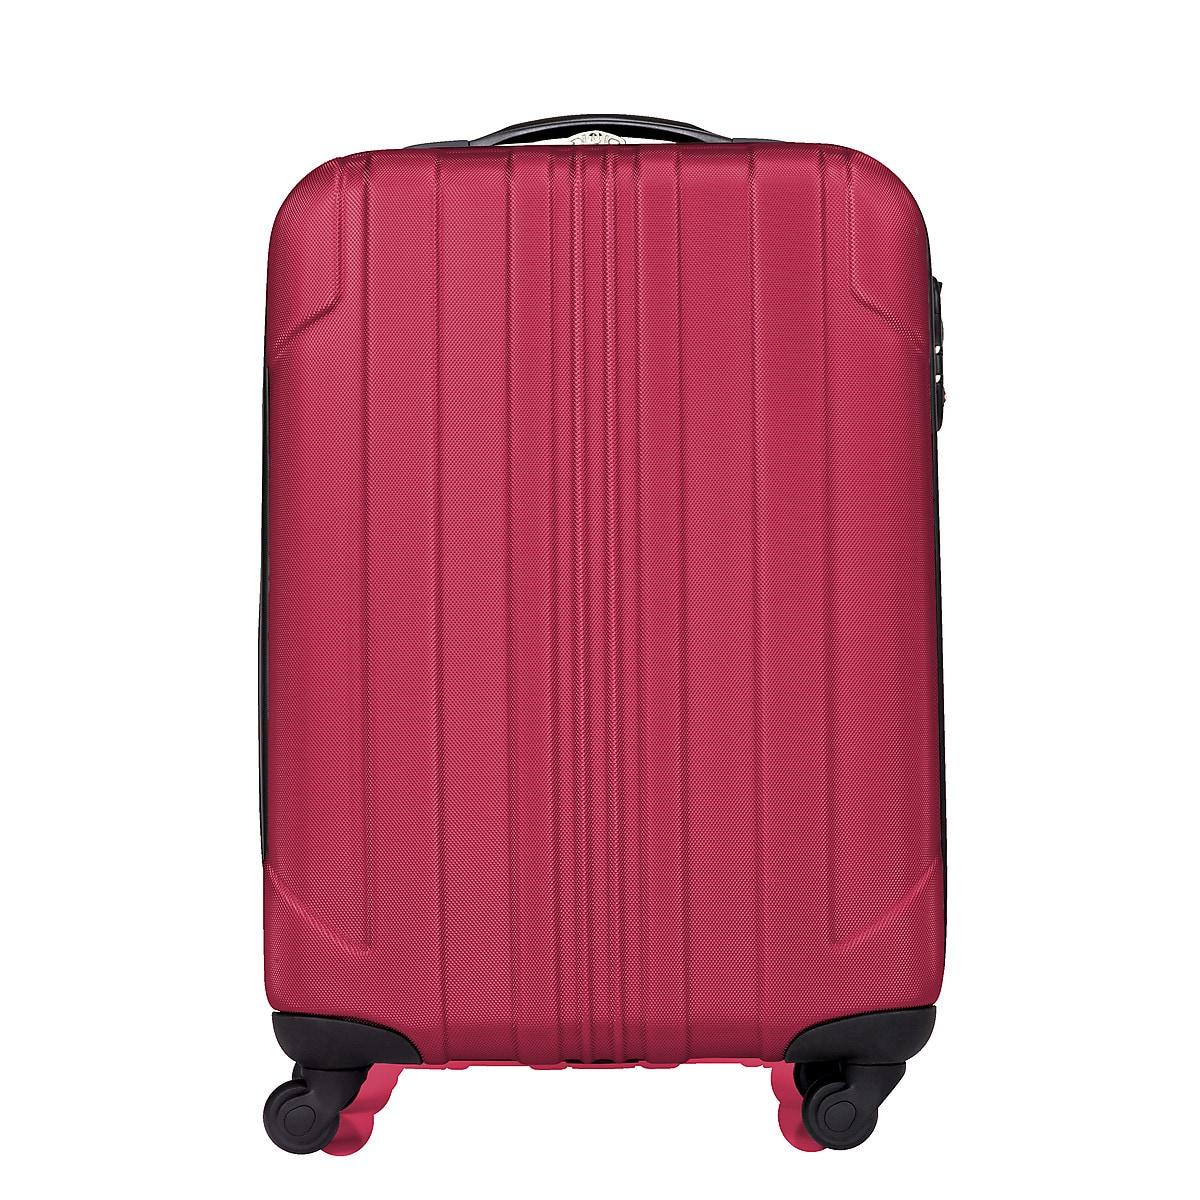 Resväska Asaklitt